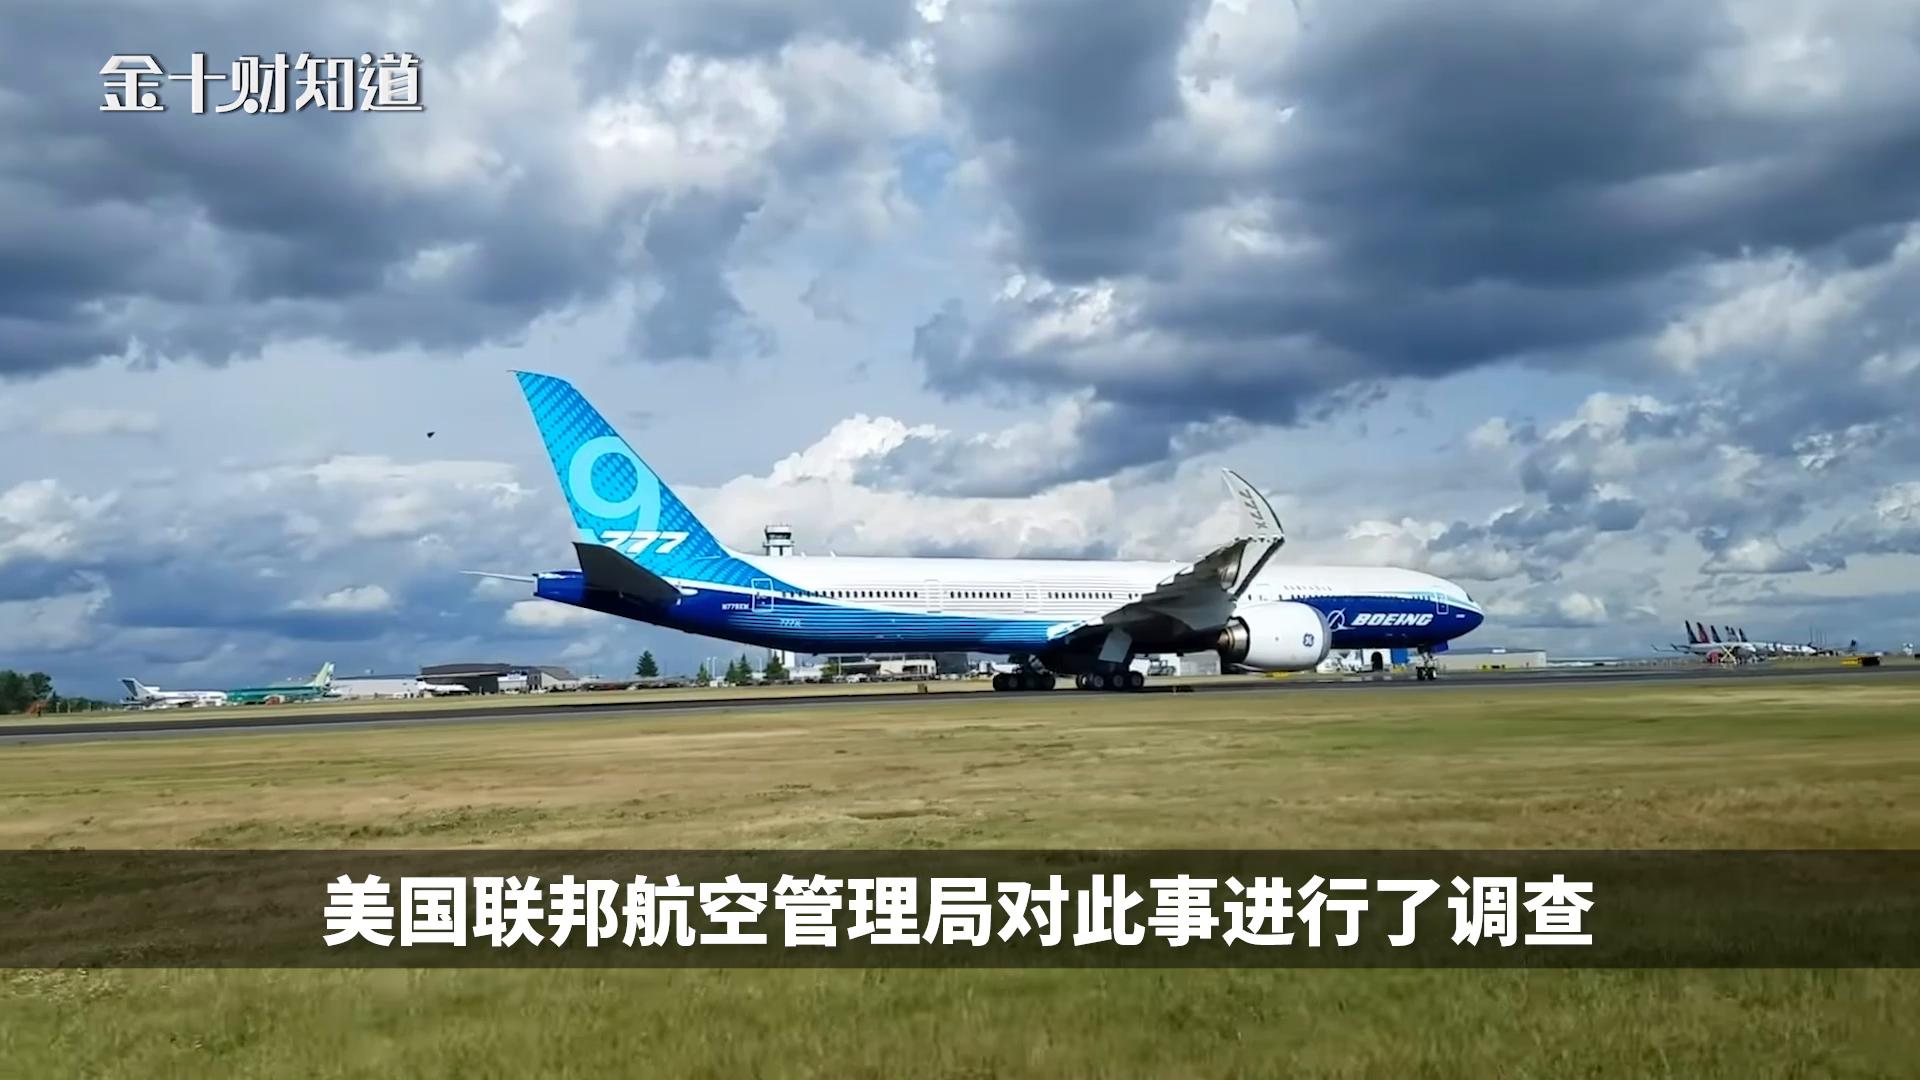 波音最大对手发力,飞机交付量是其3倍!中国C919也挺进新阶段